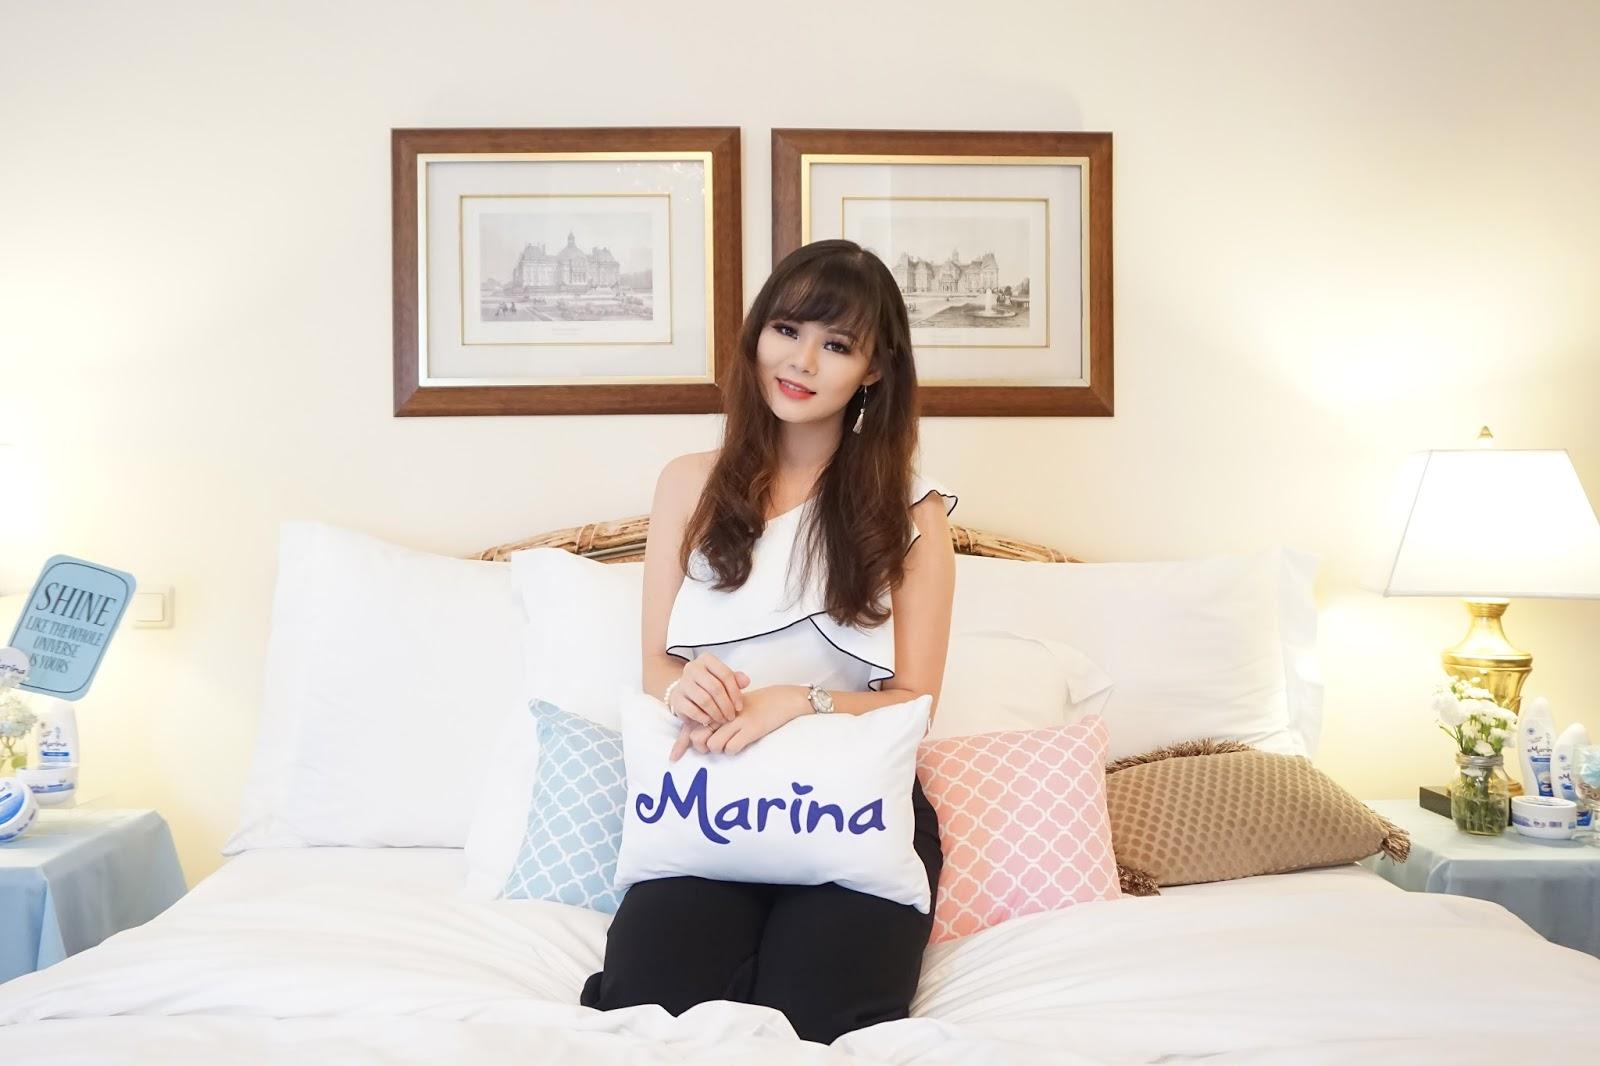 marina, marina body scrub, marina body lotion, review, product review, marina lotion, marina scrub, kulit mulus cerah, body care, jean milka